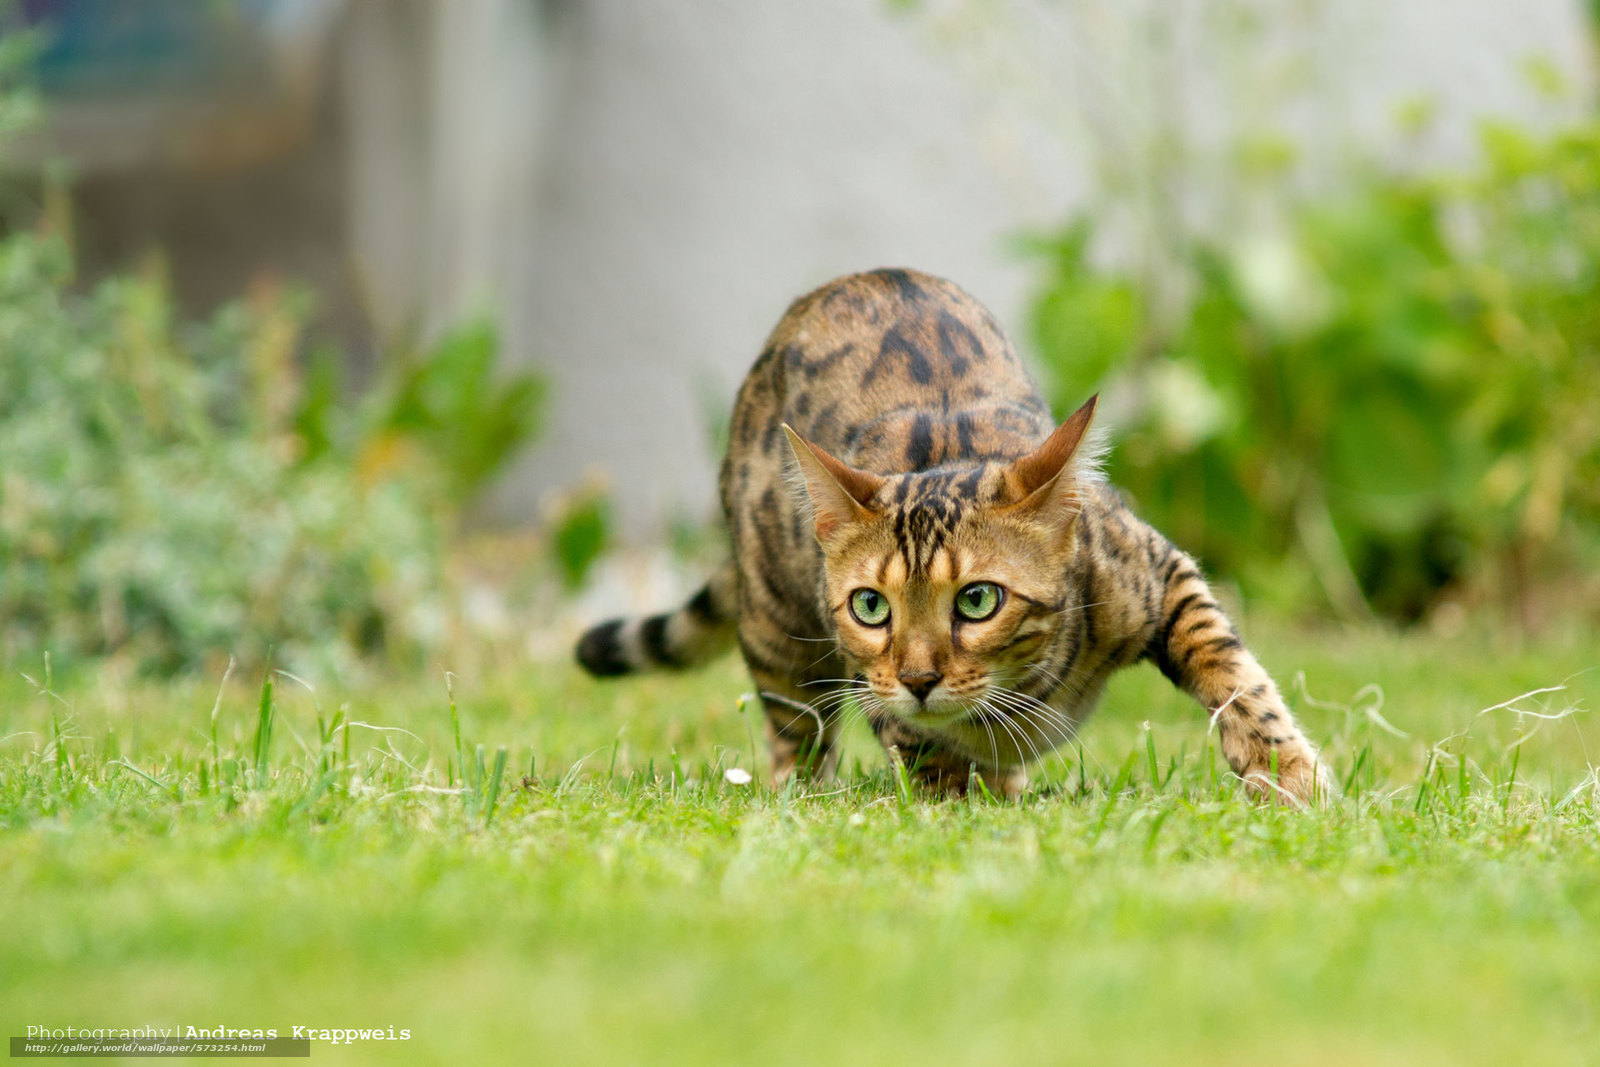 壁紙をダウンロード 動物 自然 Cote 猫 デスクトップの解像度のための無料壁紙 19x1280 絵